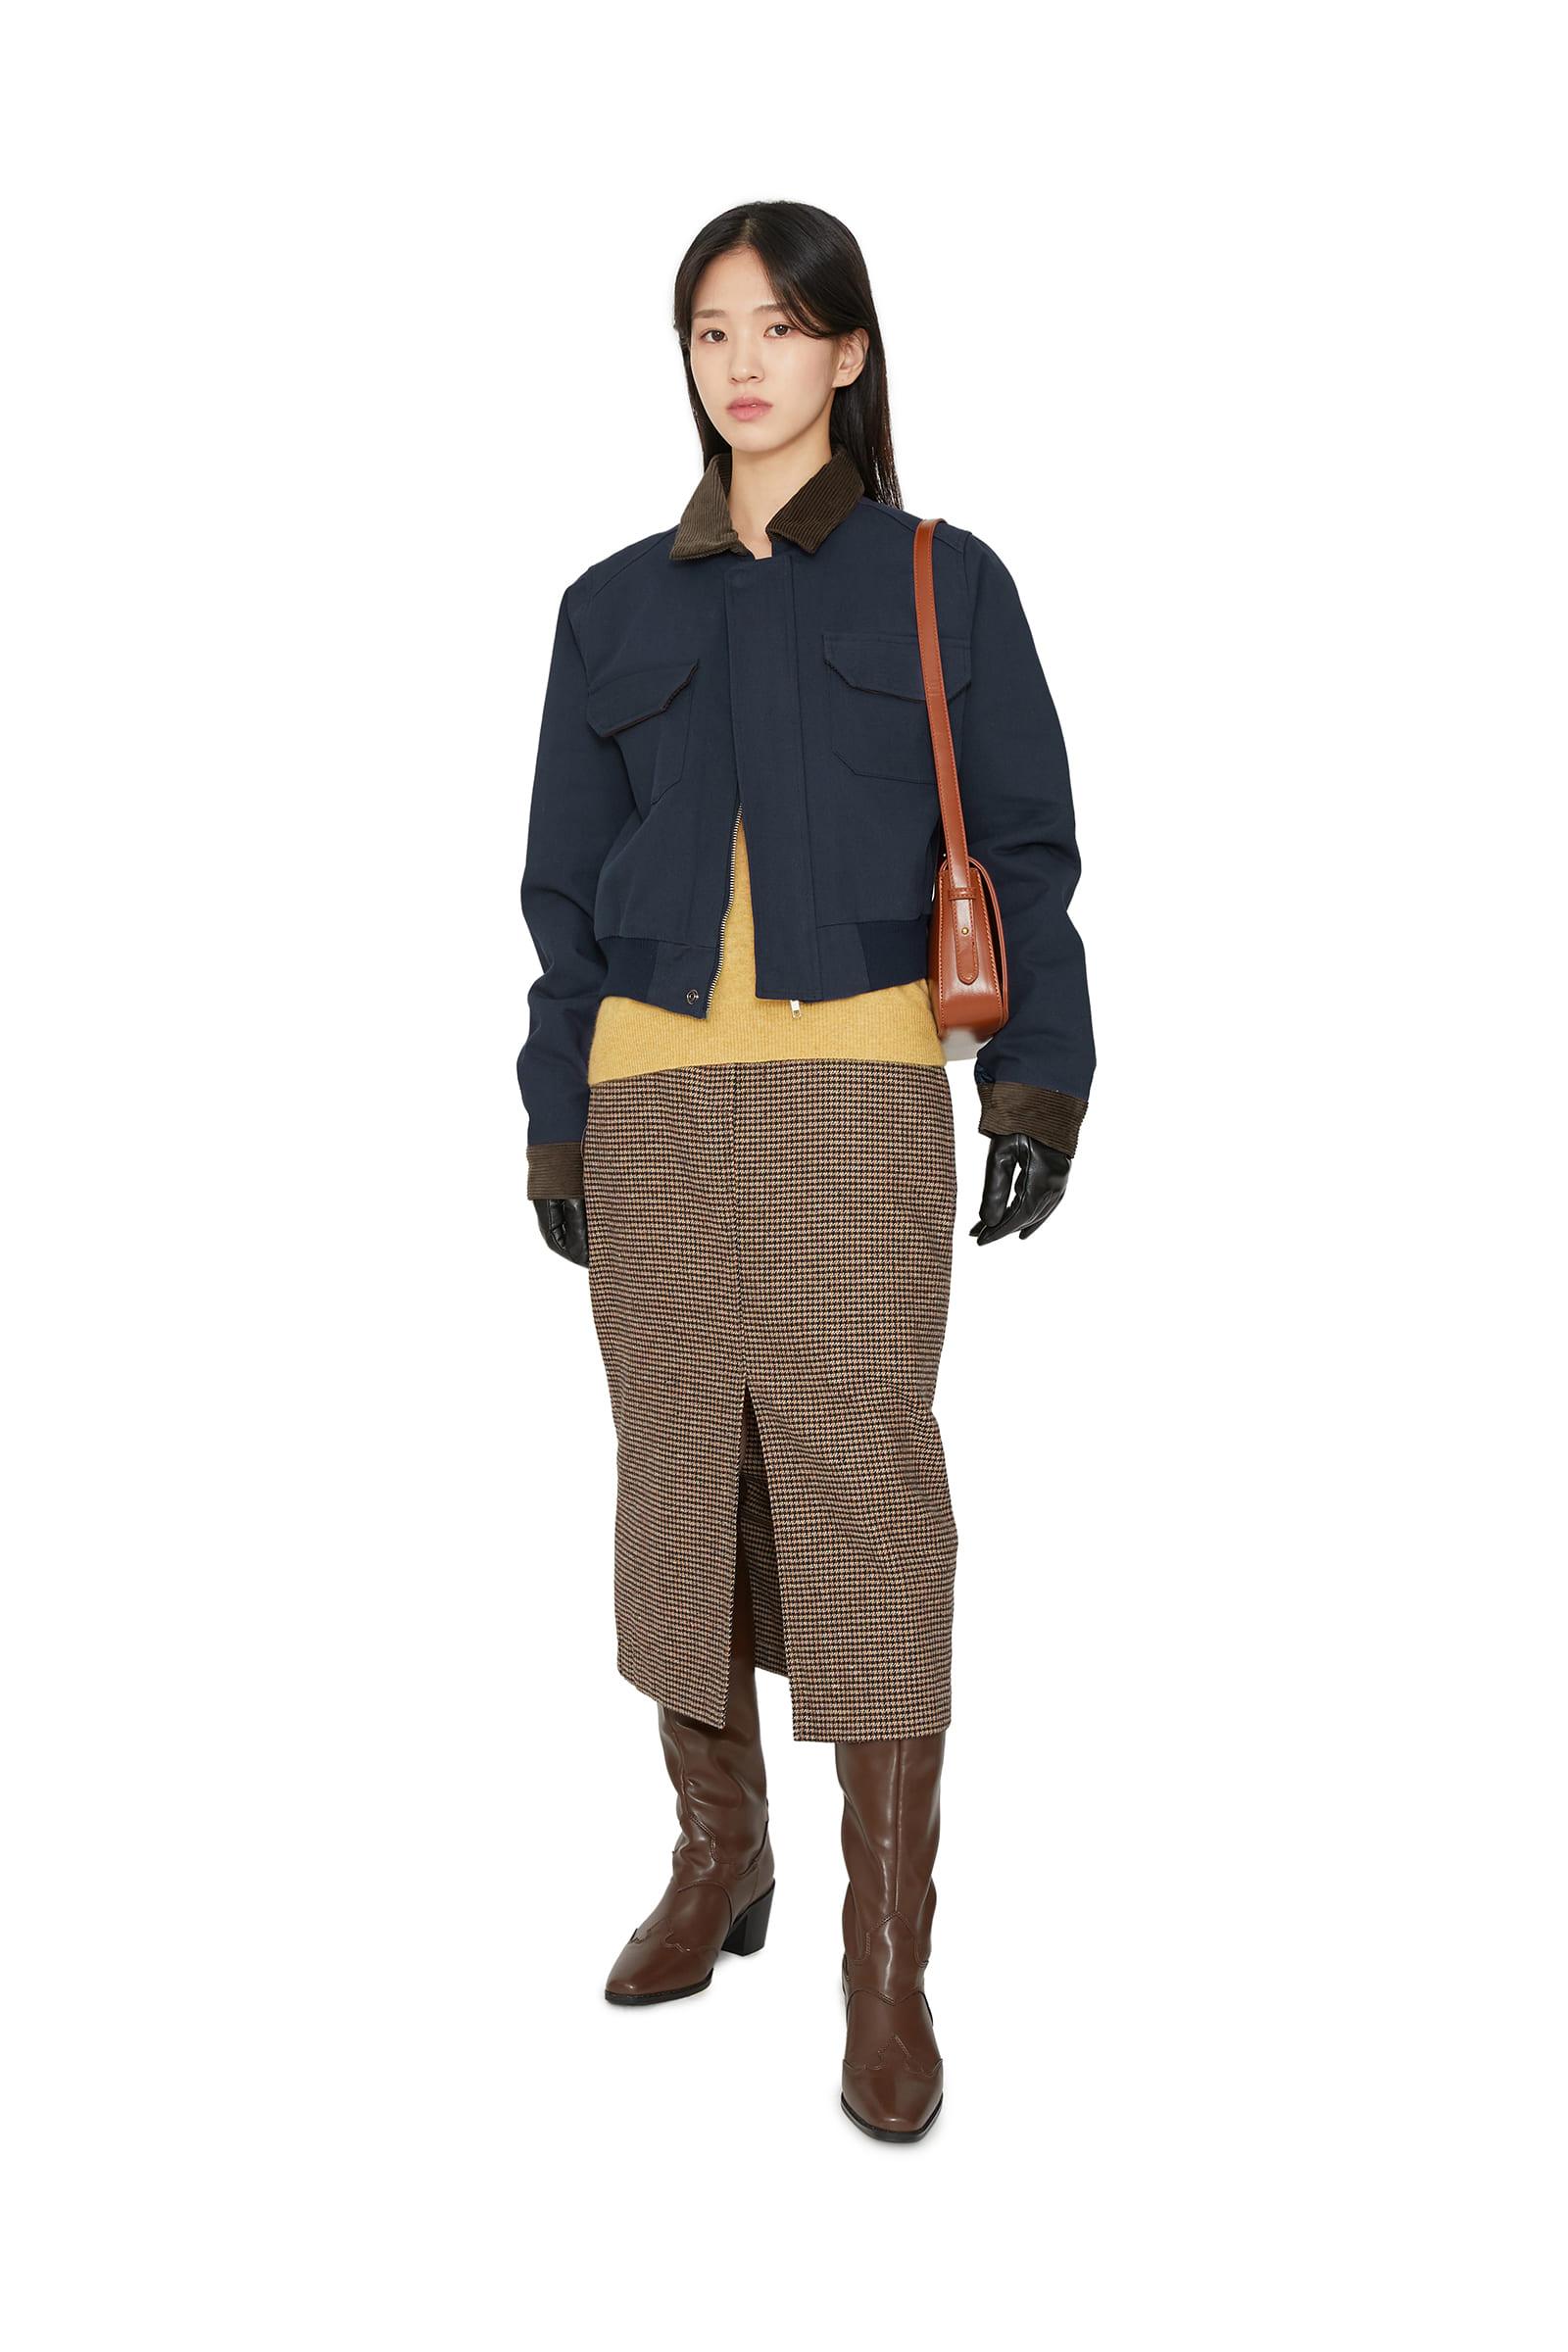 Mud corduroy short bomber jacket